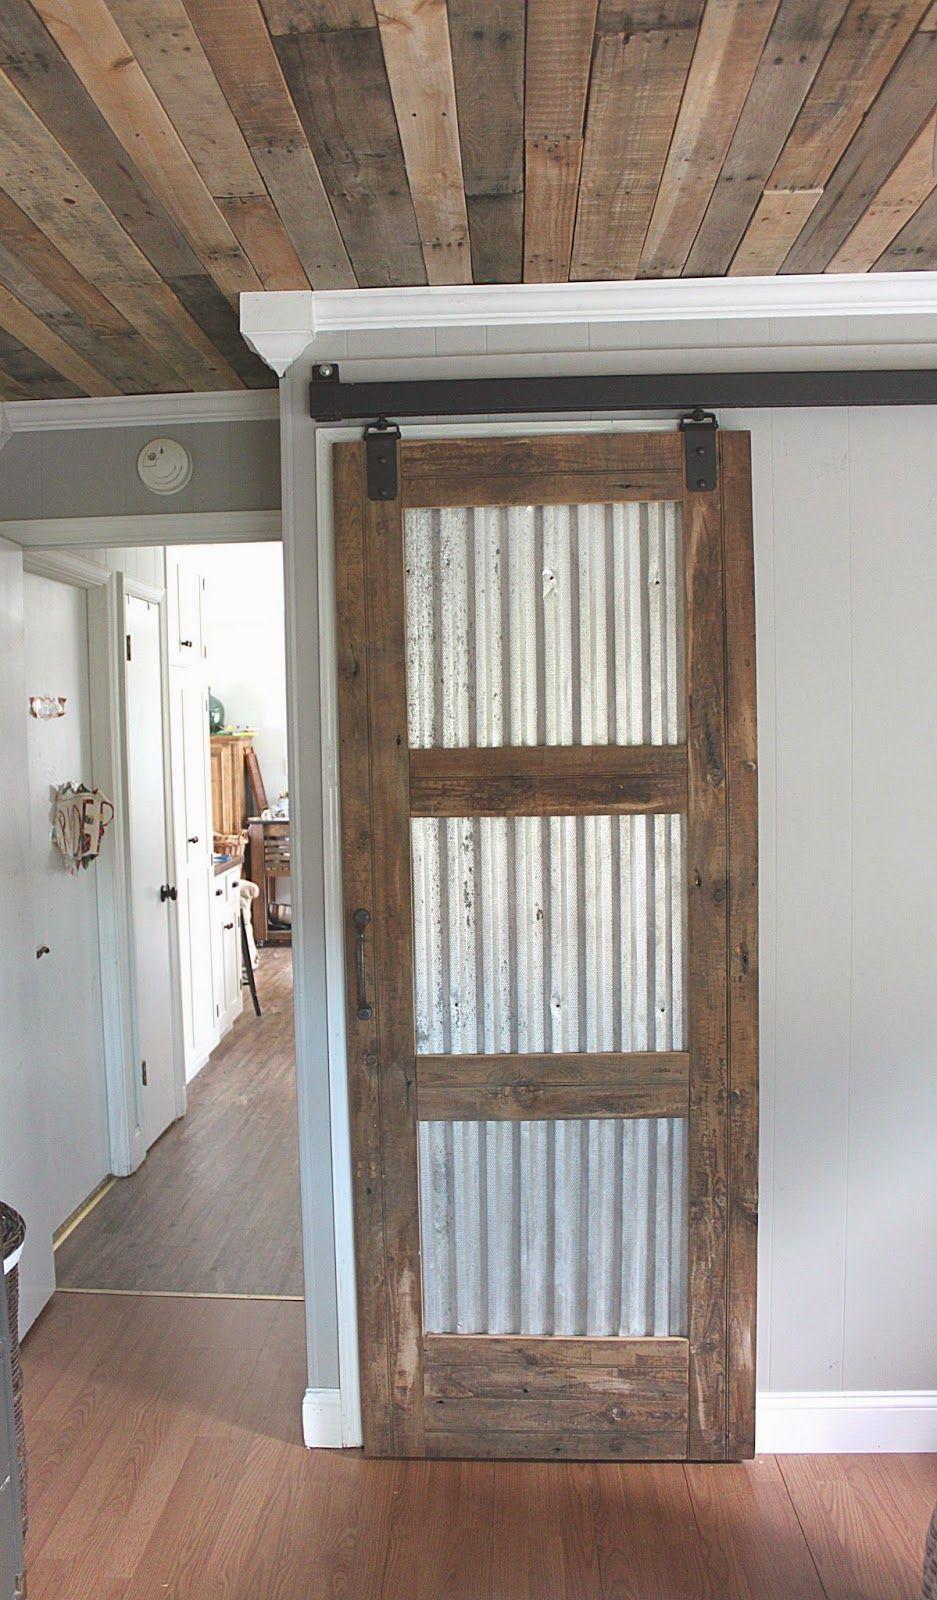 Coulisse Porte De Grange closet barn door (ohand hi) | maison, portes de grange